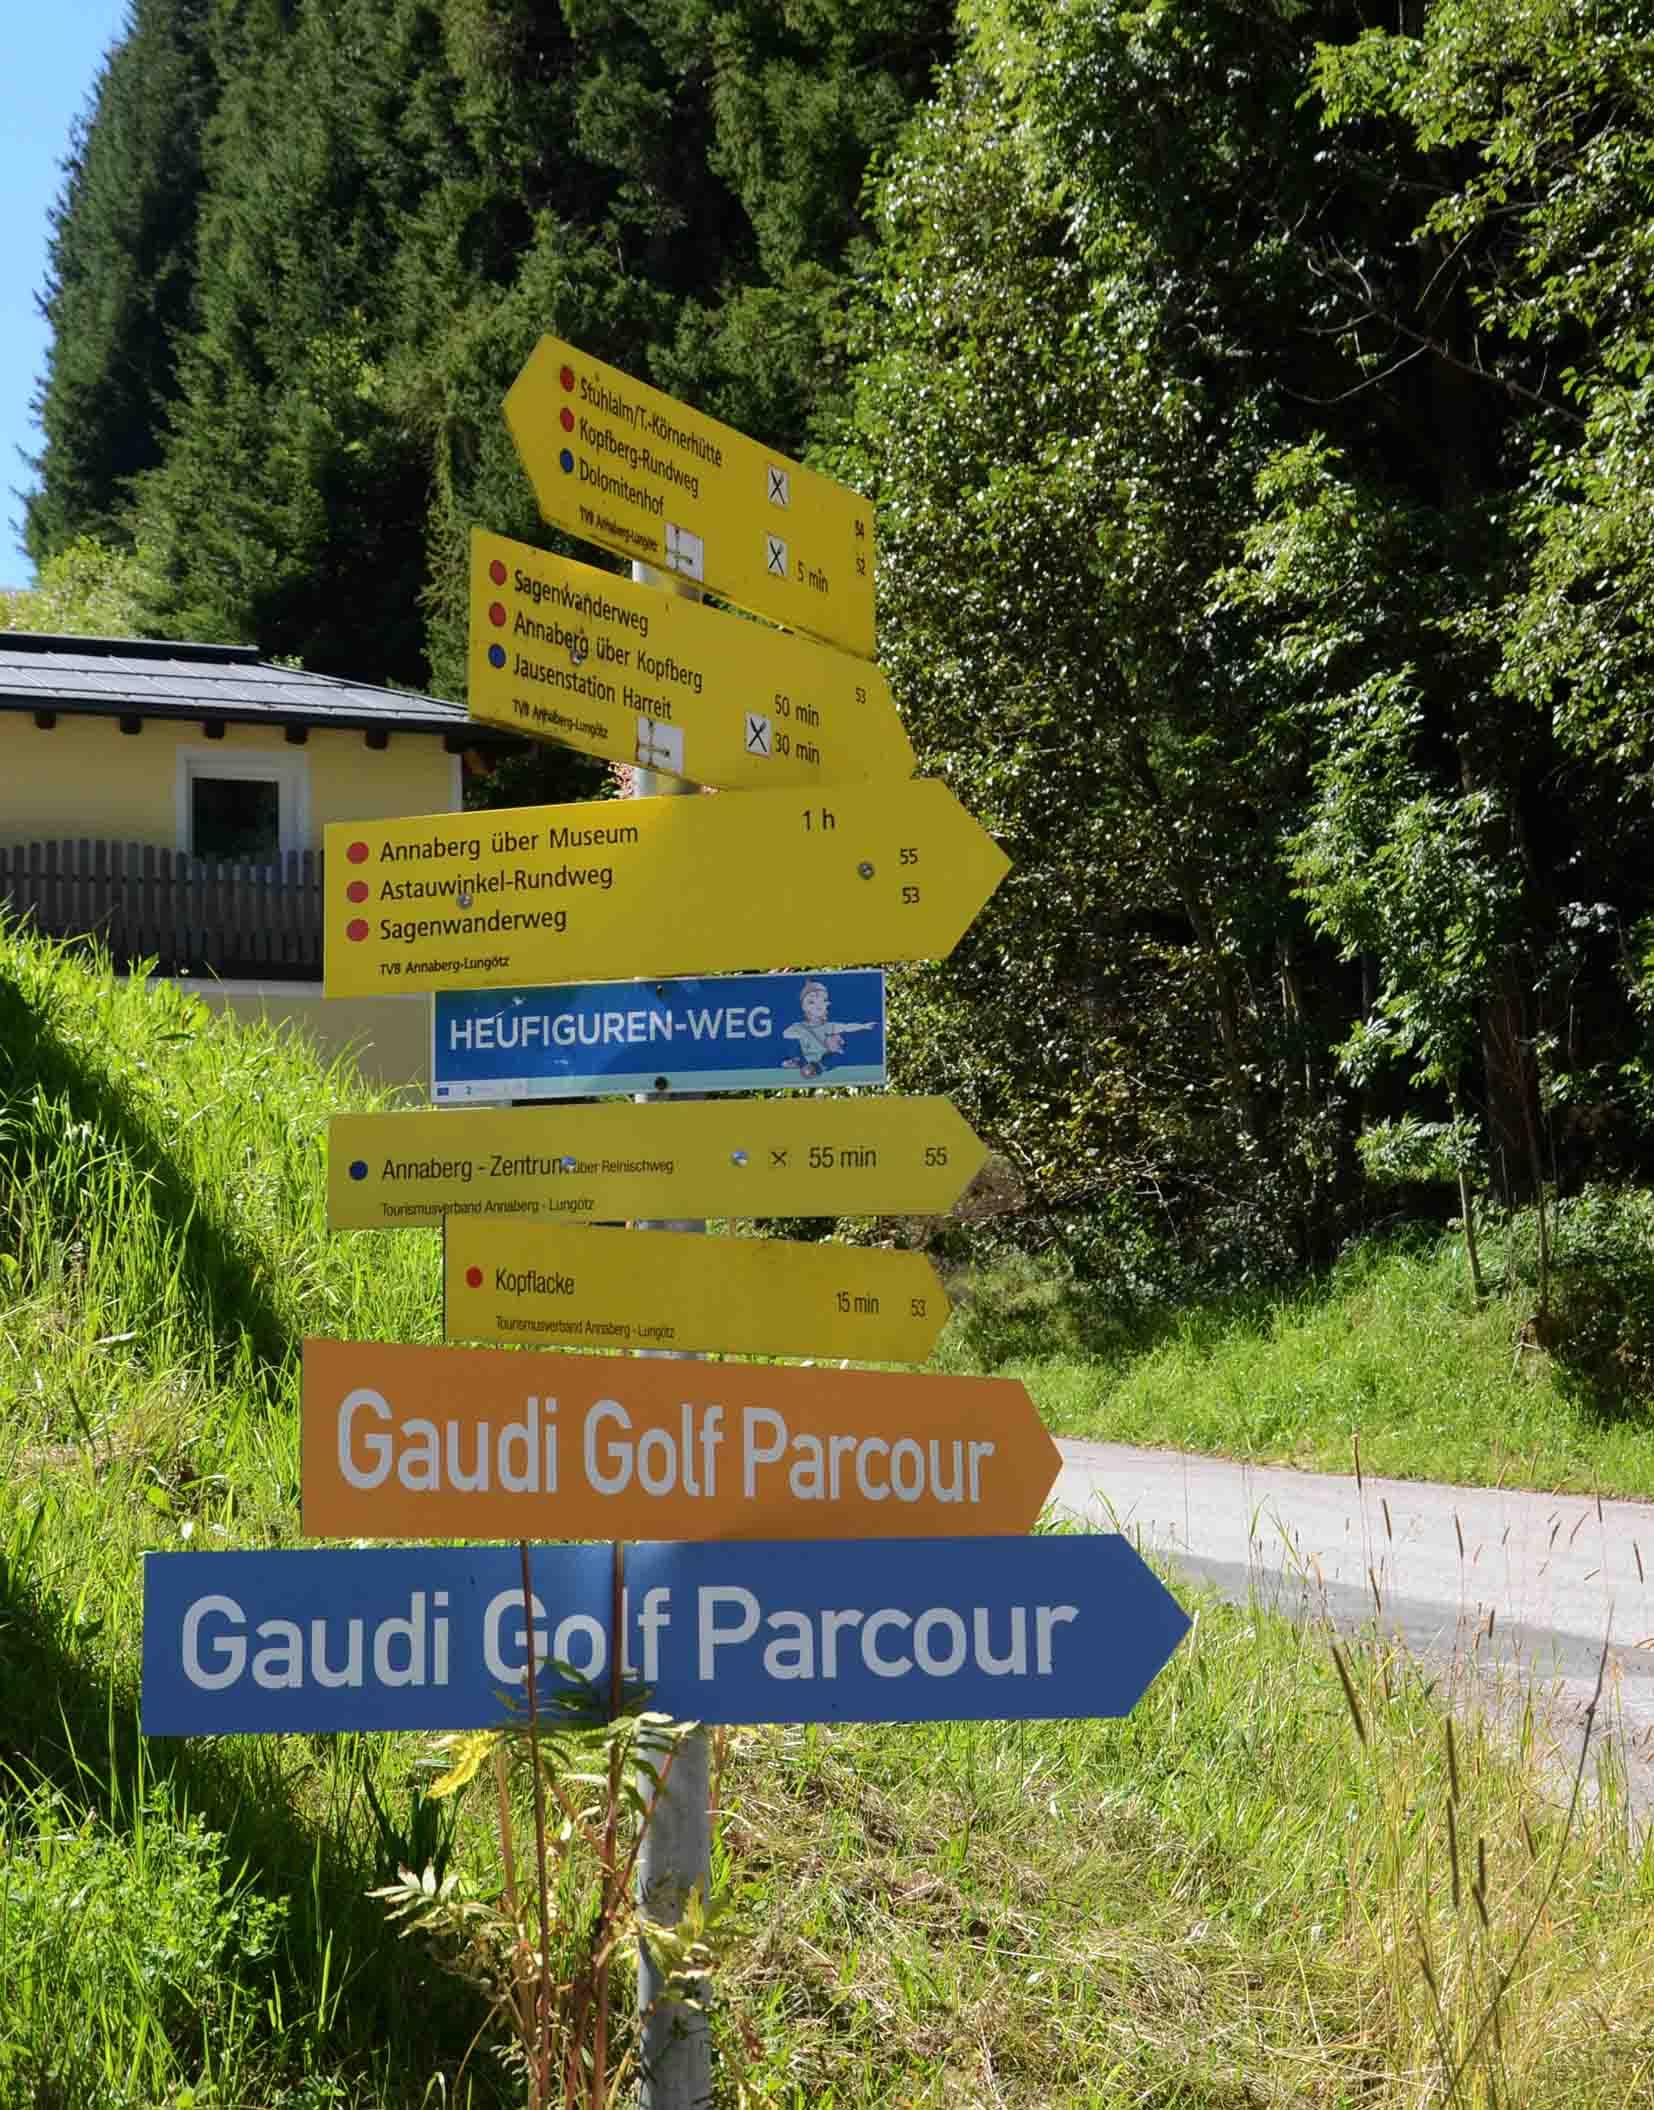 Gaudigolf in Annaberg